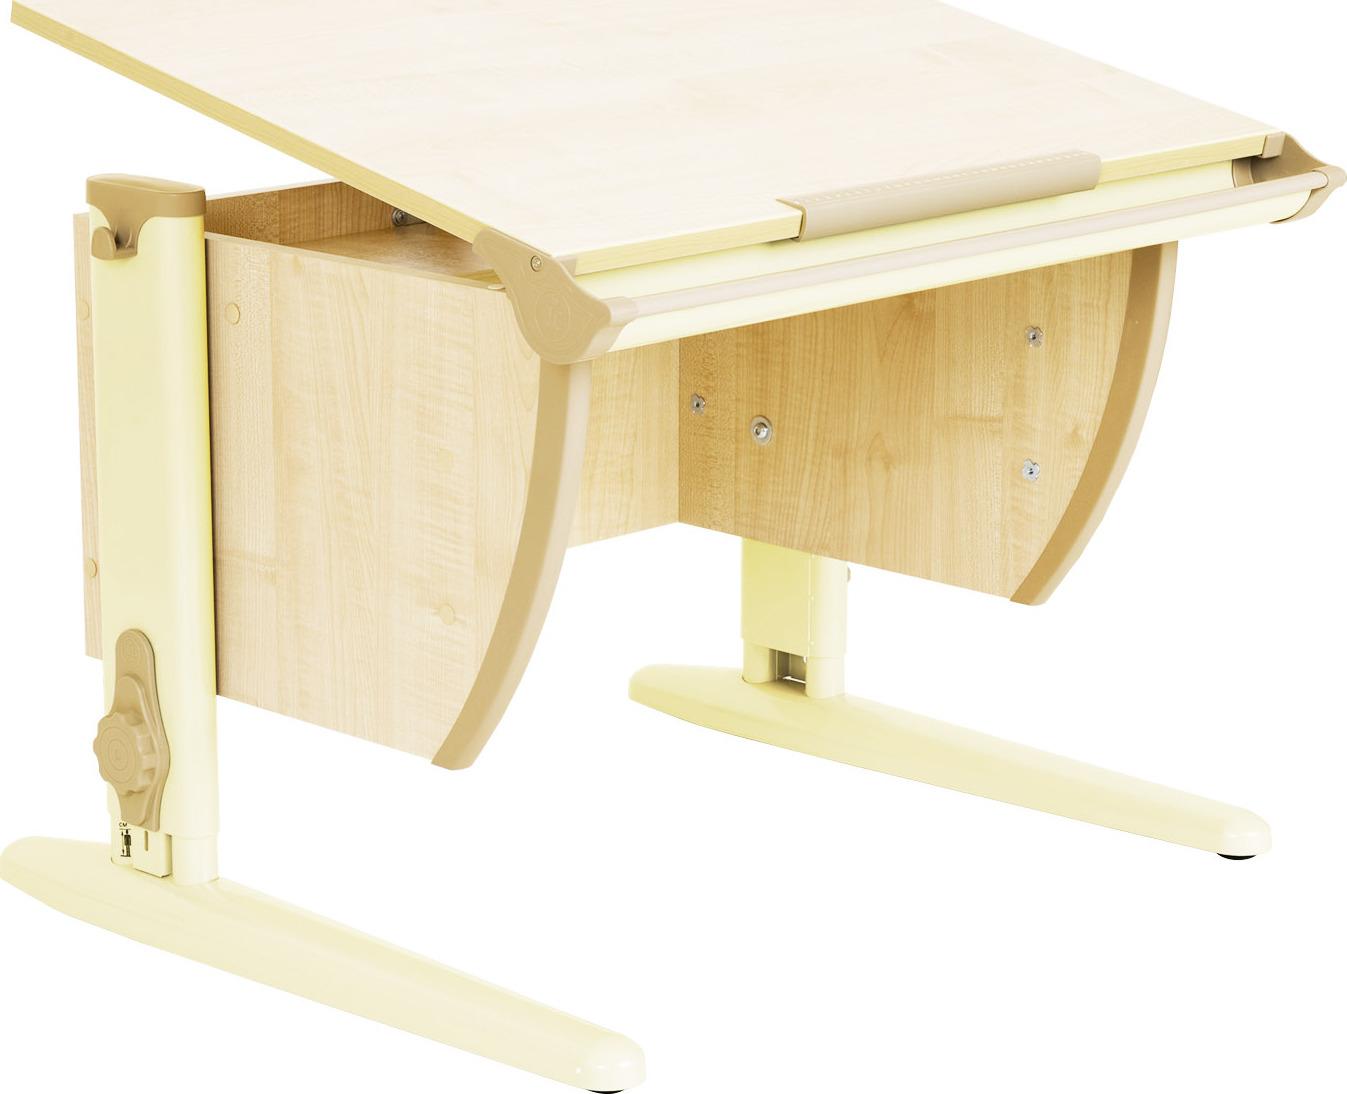 Парта школьная ДЭМИ СУТ-14 75х55 см (цвет столешницы: клен, цвет ножек стола: бежевый)